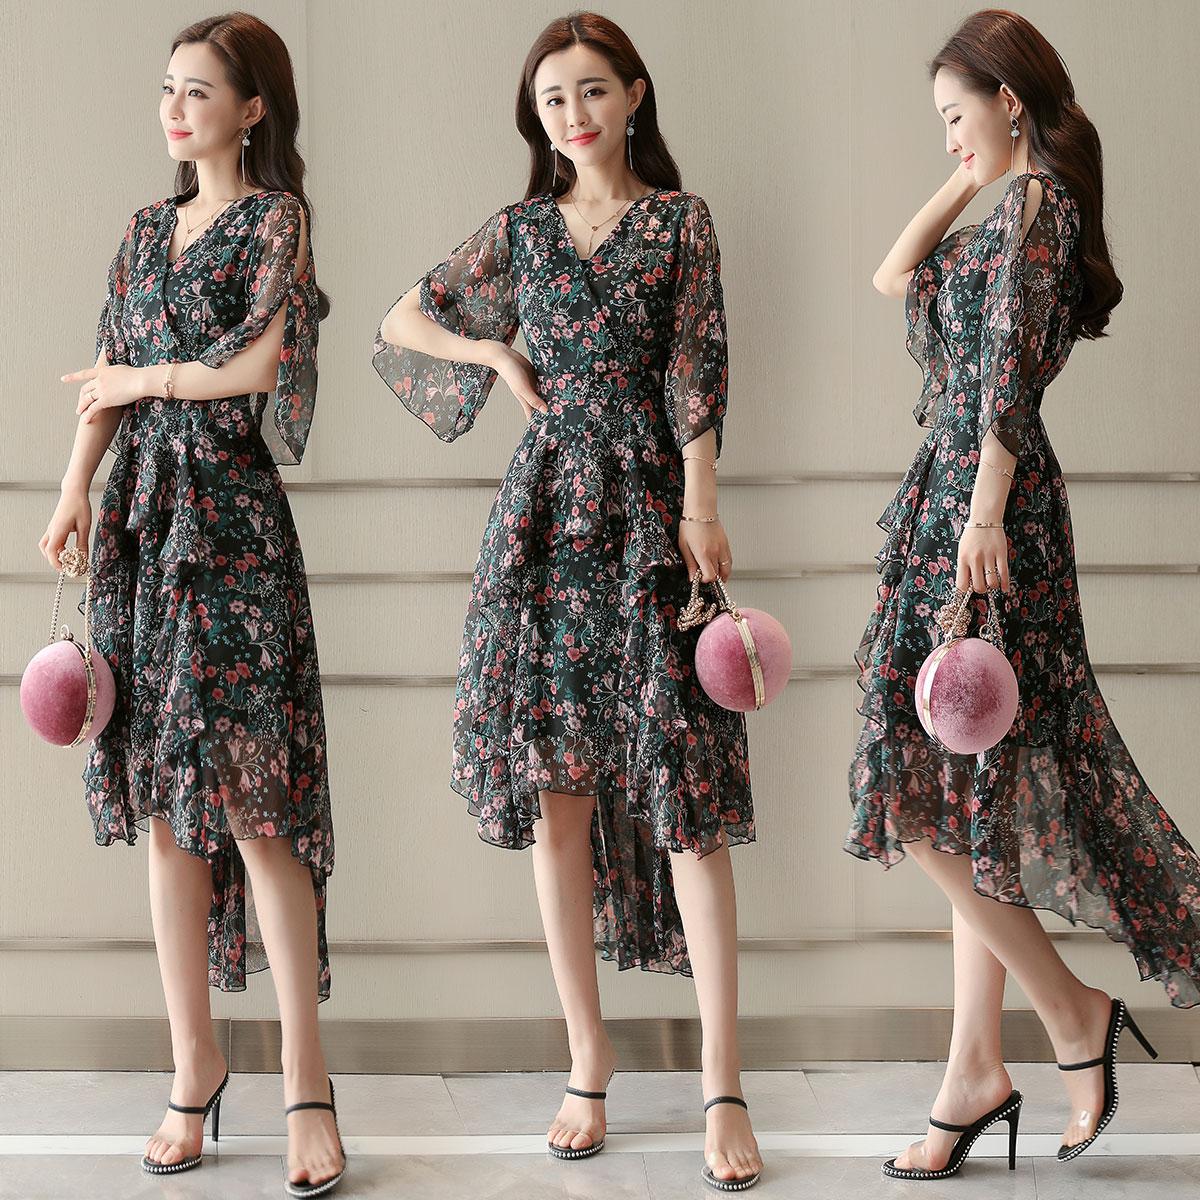 国际大品牌高端女装奢华欧美高端大牌韩范欧洲站欧美时尚连衣裙